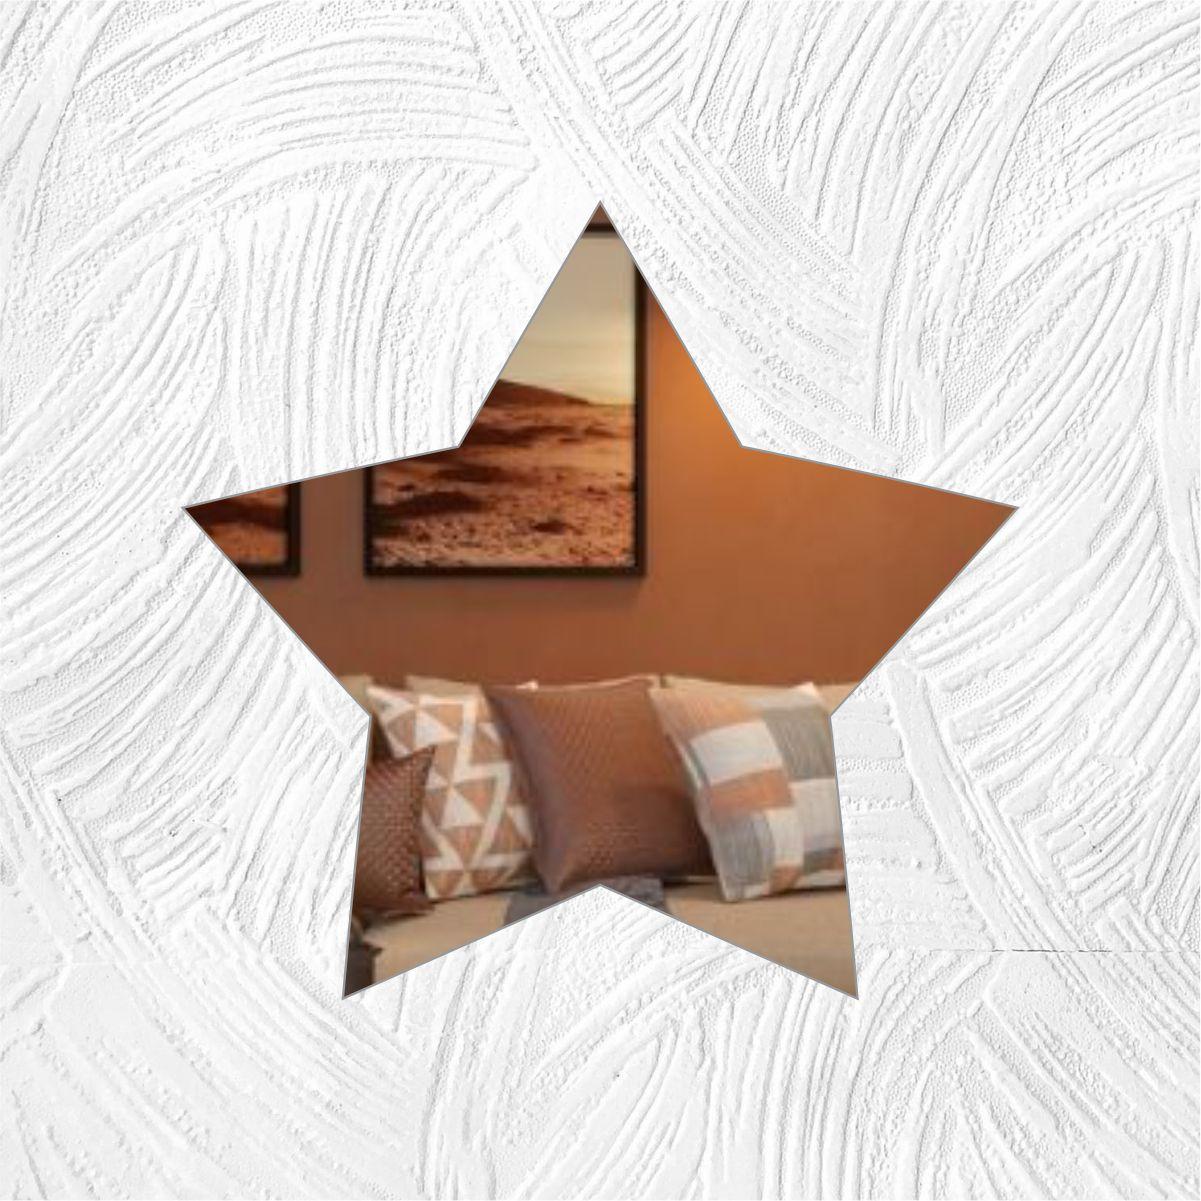 Estrela - Produzido em acrílico espelhado